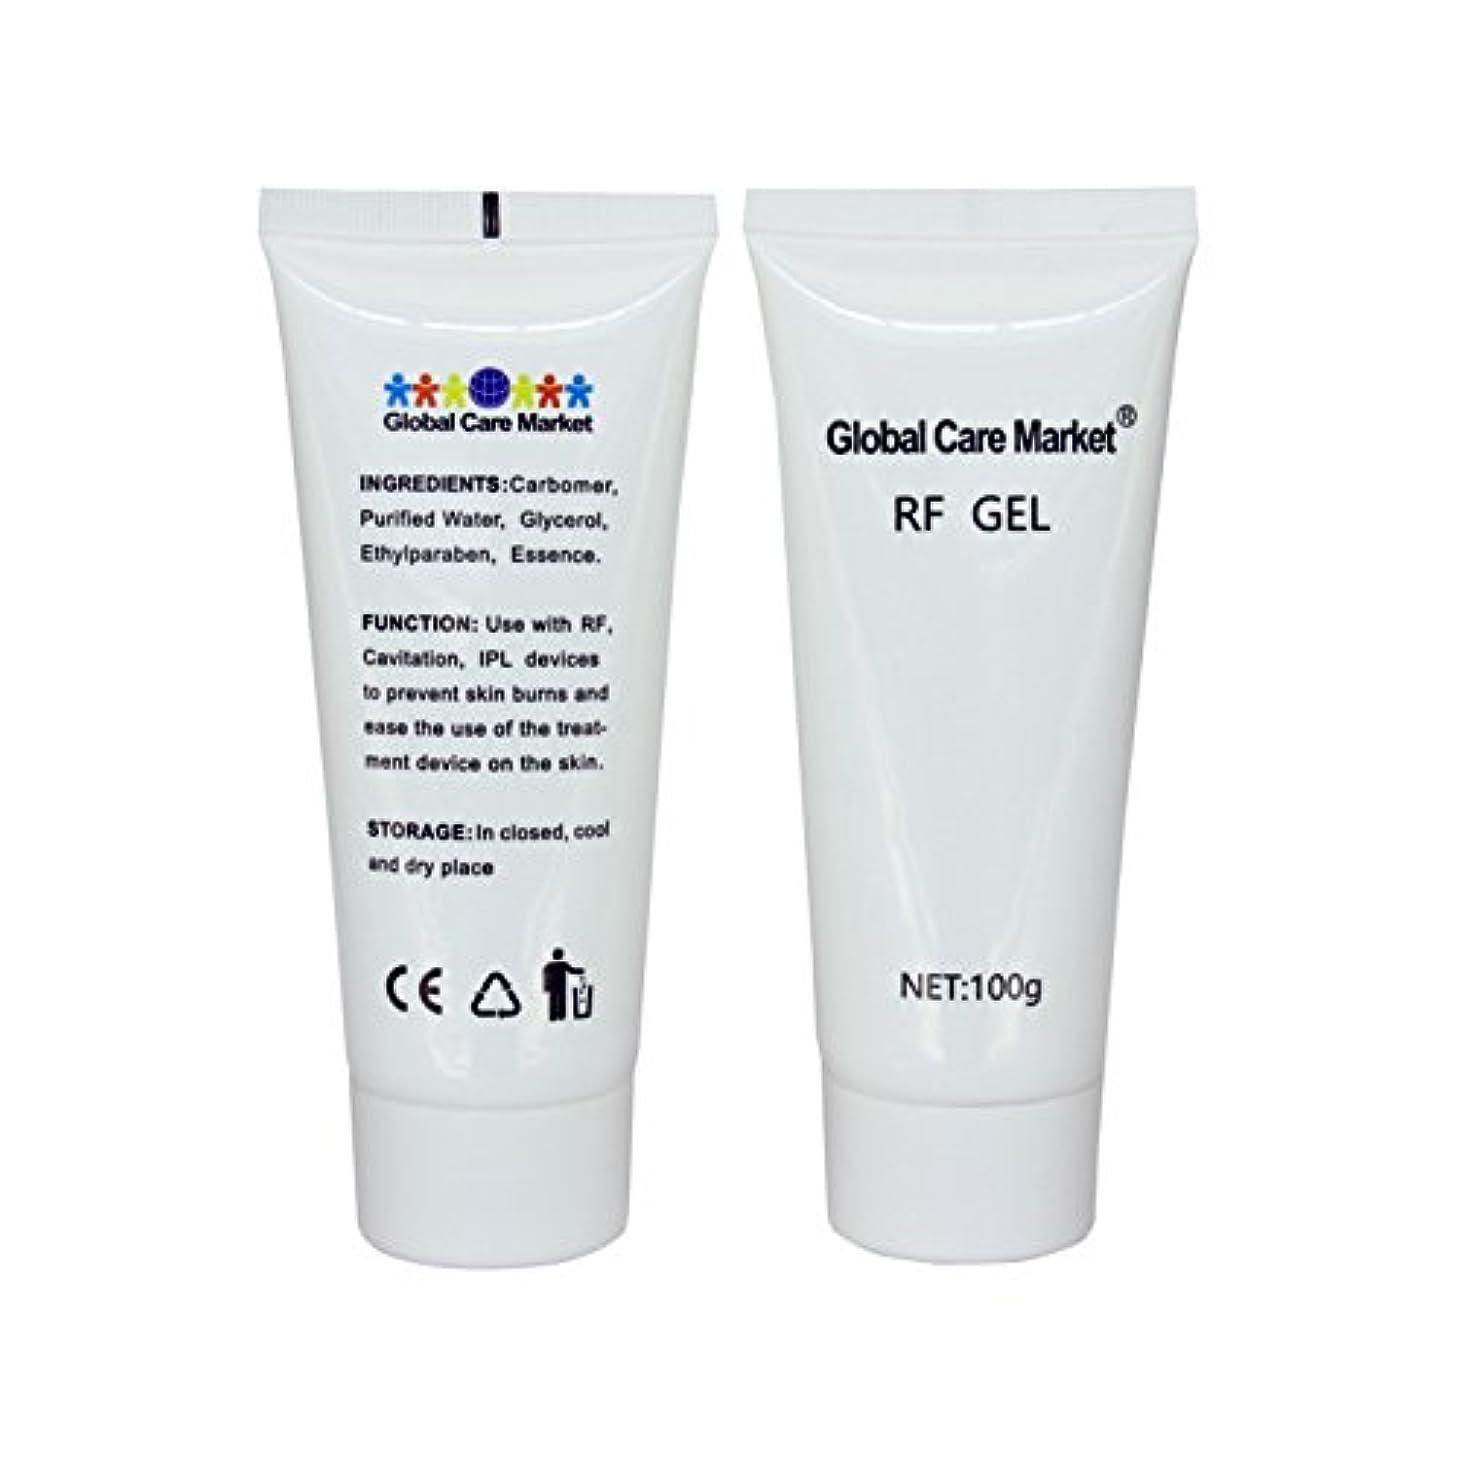 傾いたみなさん在庫RF GEL(2 Pack) - 高周波治療装置に使用する皮膚冷却および潤滑です